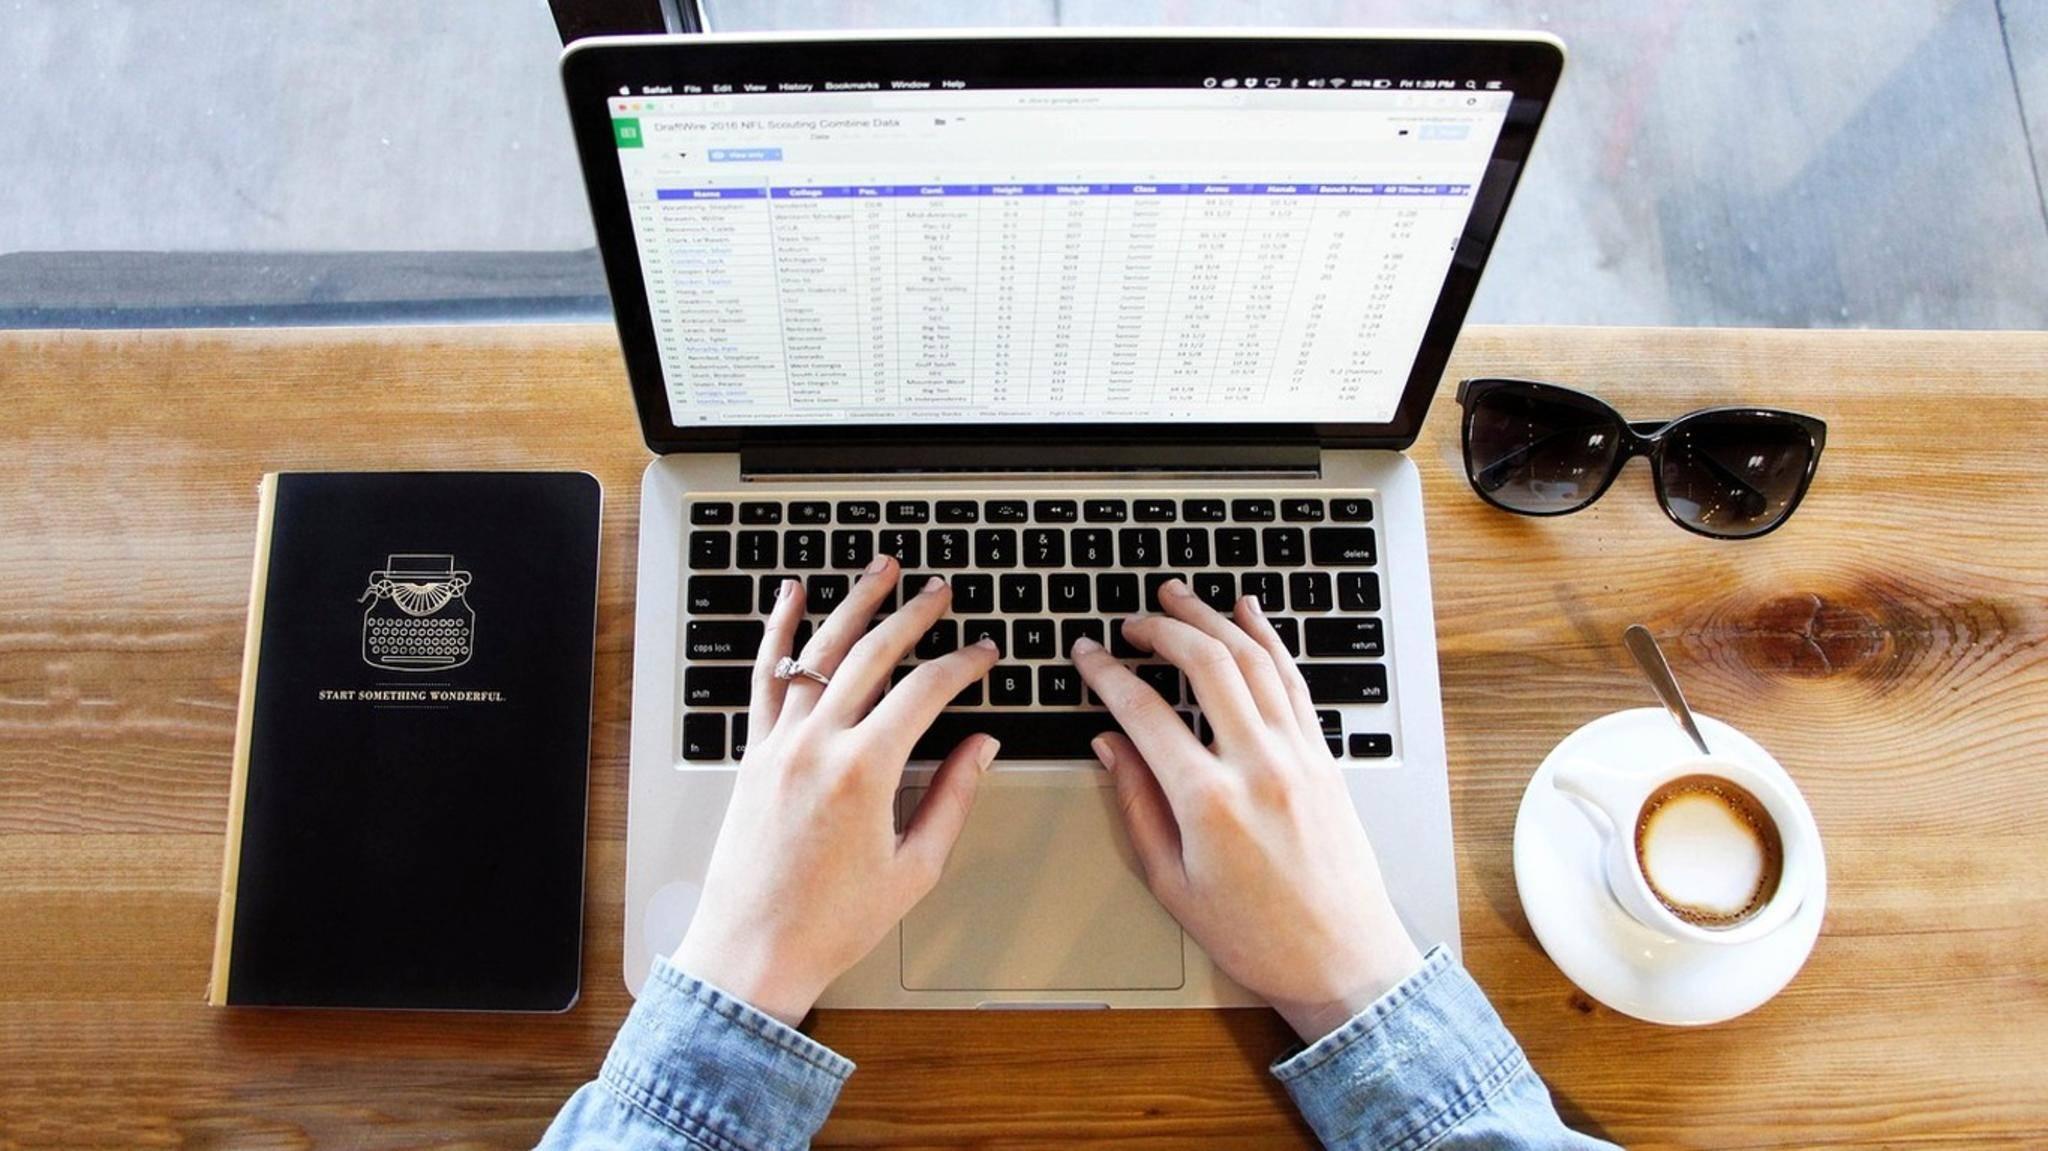 Mit der Wenn-Dann-Funktion lassen sich bei Excel viele spannende Sachen machen.